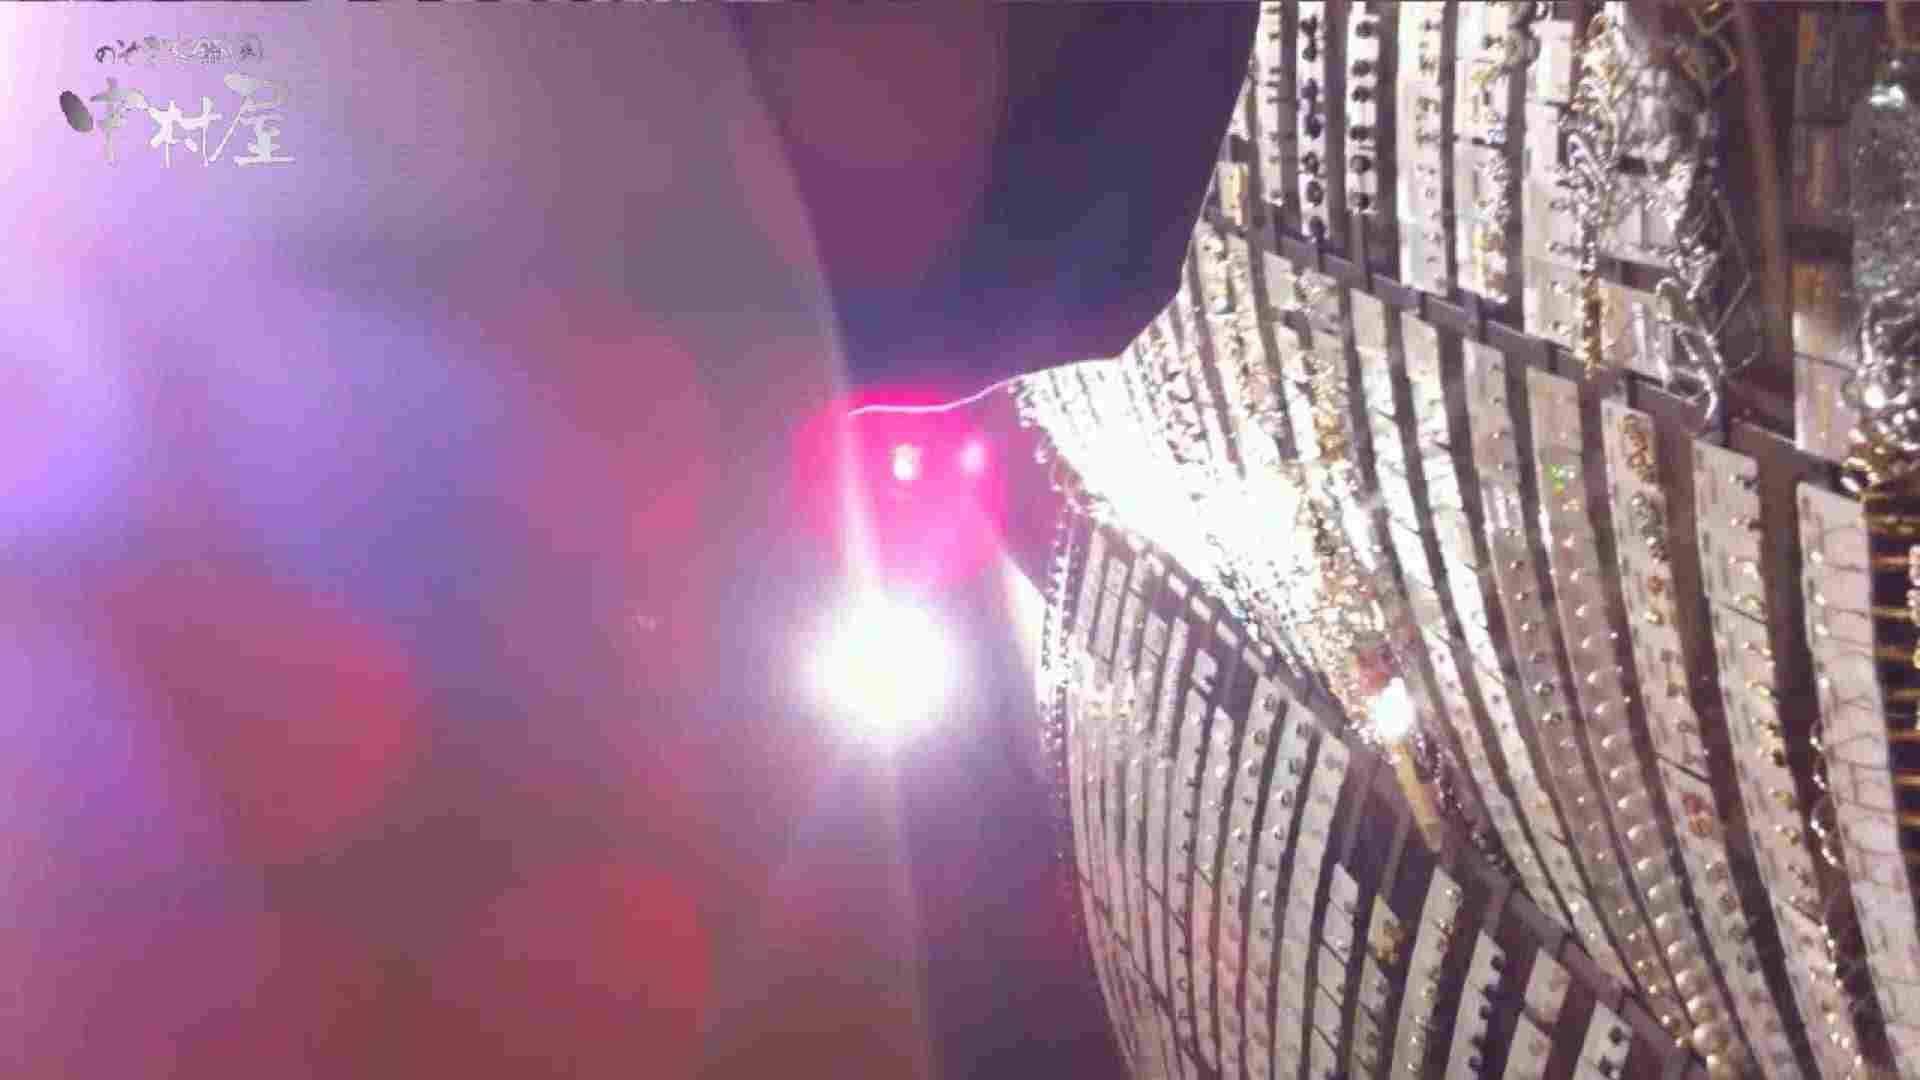 vol.83 美人アパレル胸チラ&パンチラ 赤Tバック店員さんいらっしゃい 胸チラ 盗撮AV動画キャプチャ 94連発 17